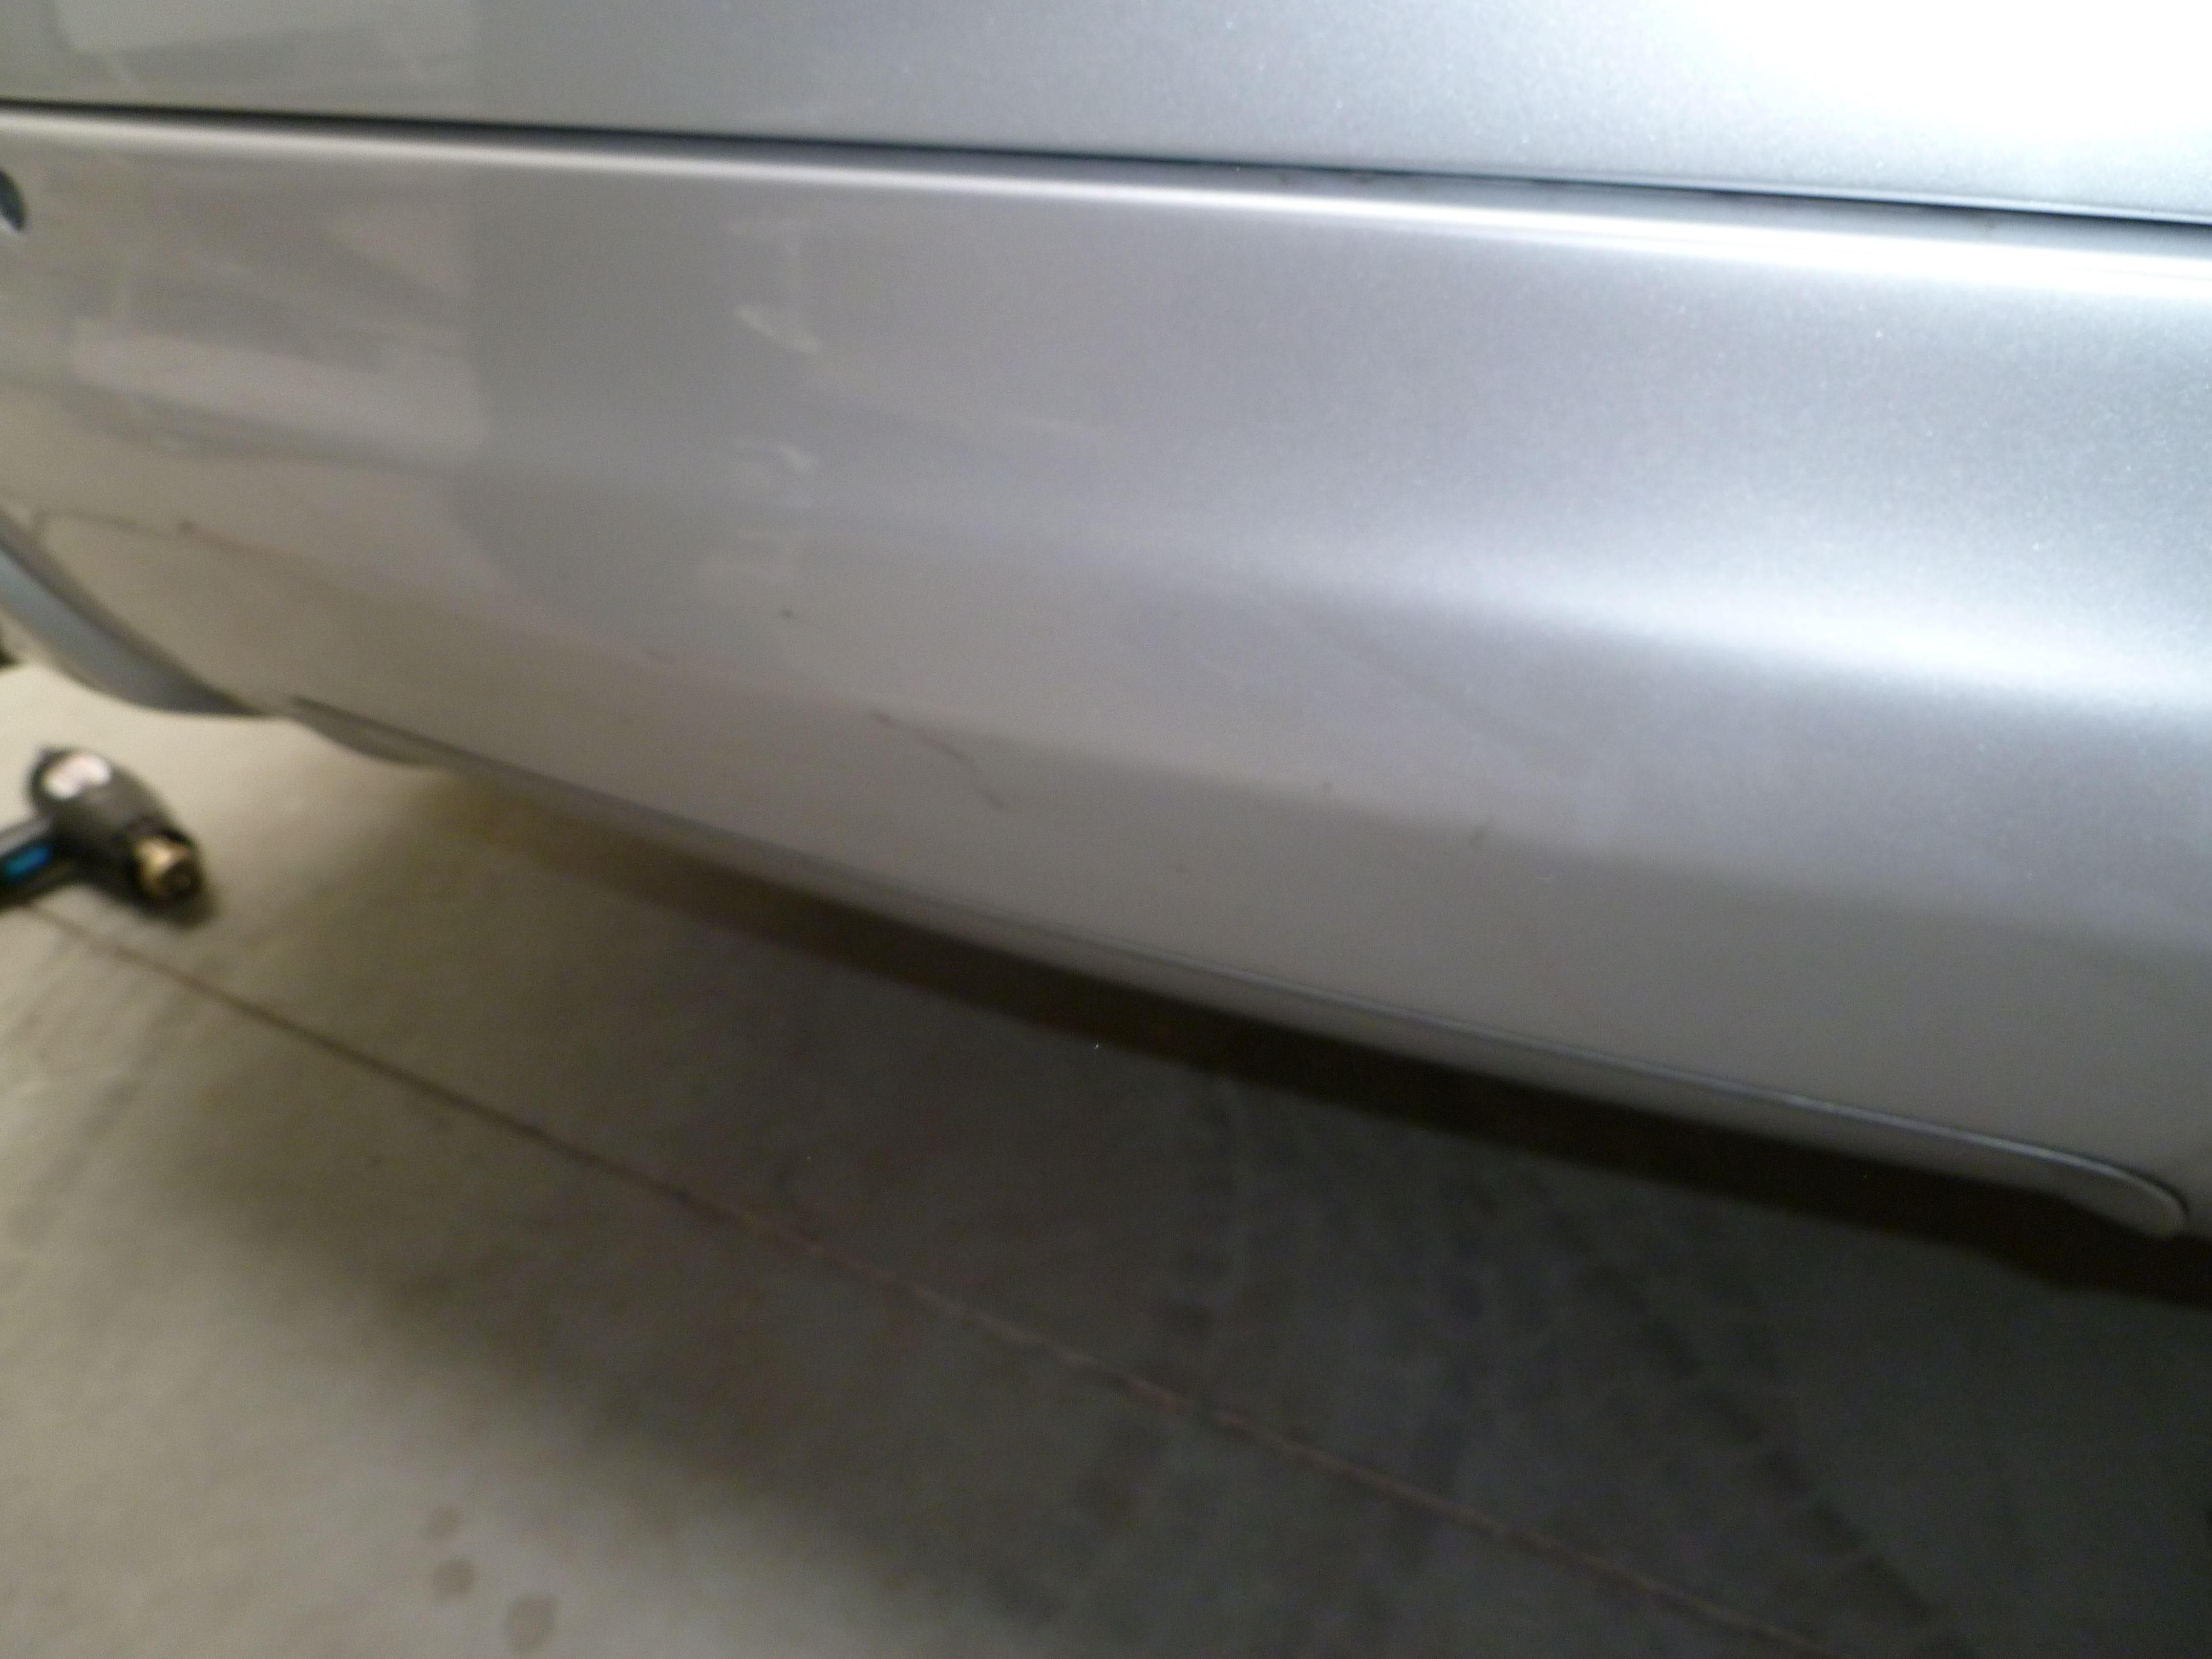 Audi Q7 met Mat Witte Wrap, Carwrapping door Wrapmyride.nu Foto-nr:5001, ©2021